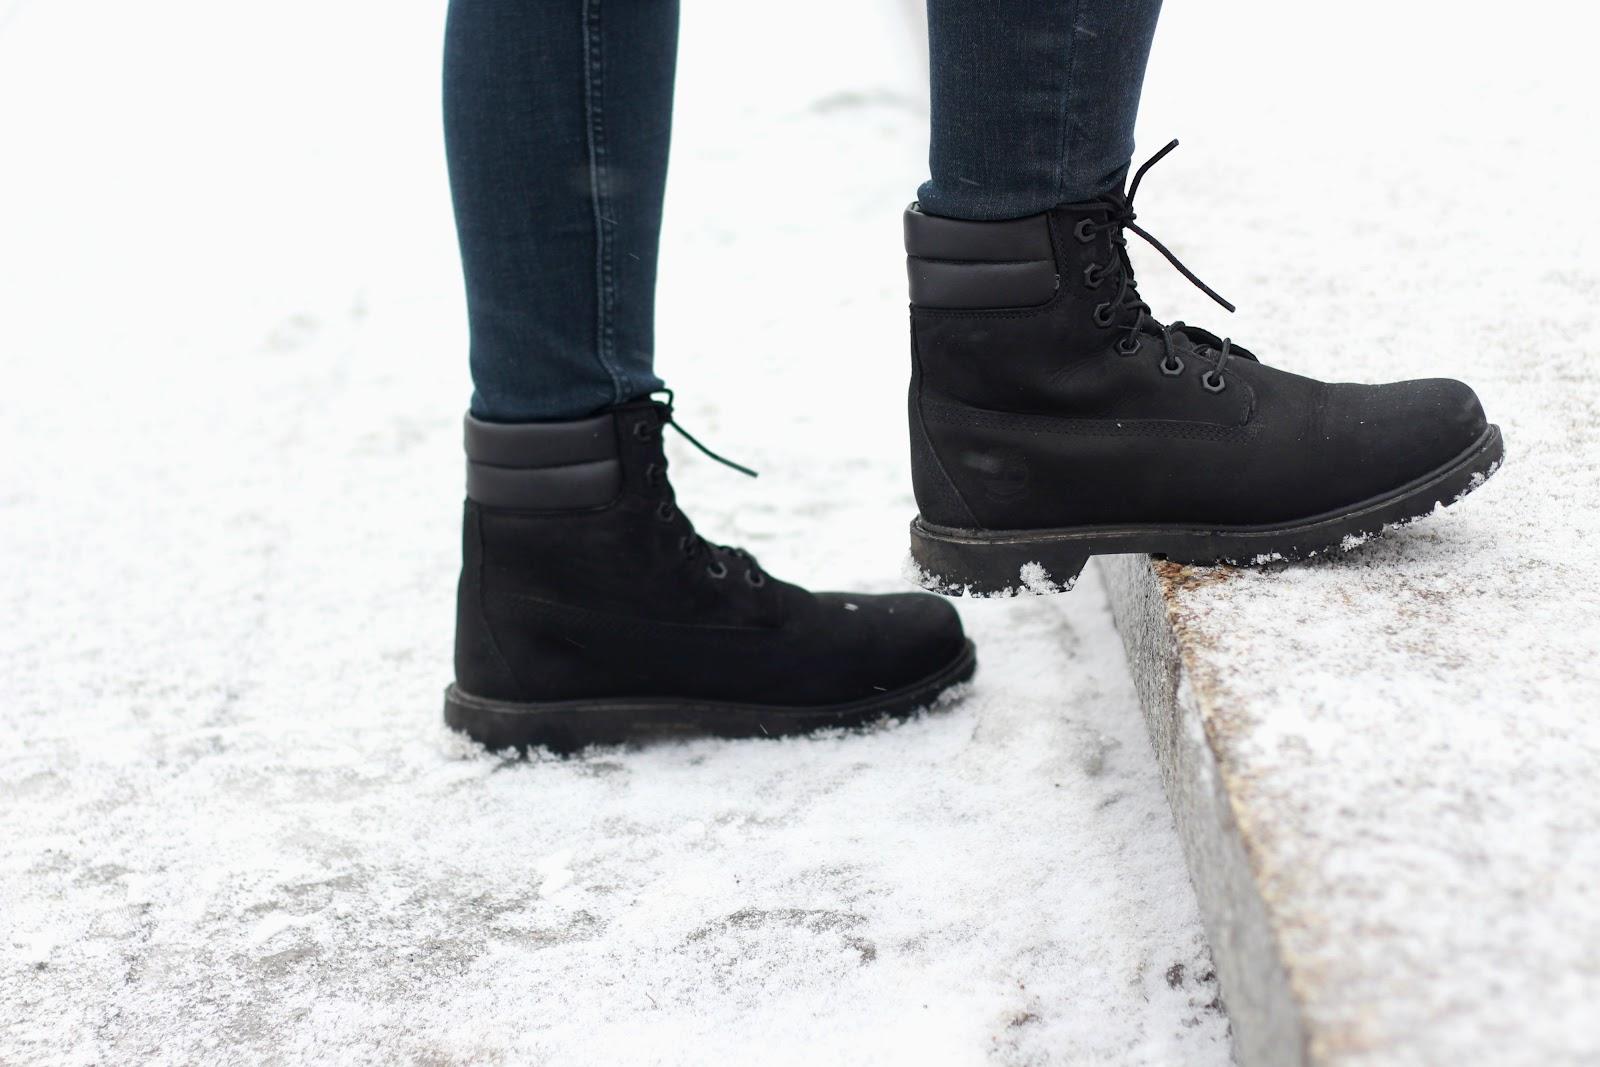 Timberlandy Białystok, czarne Timberlandy, Timberanldy trapery czarne damskie, damskie timberlandy, Timberland boots, black Timberland, female